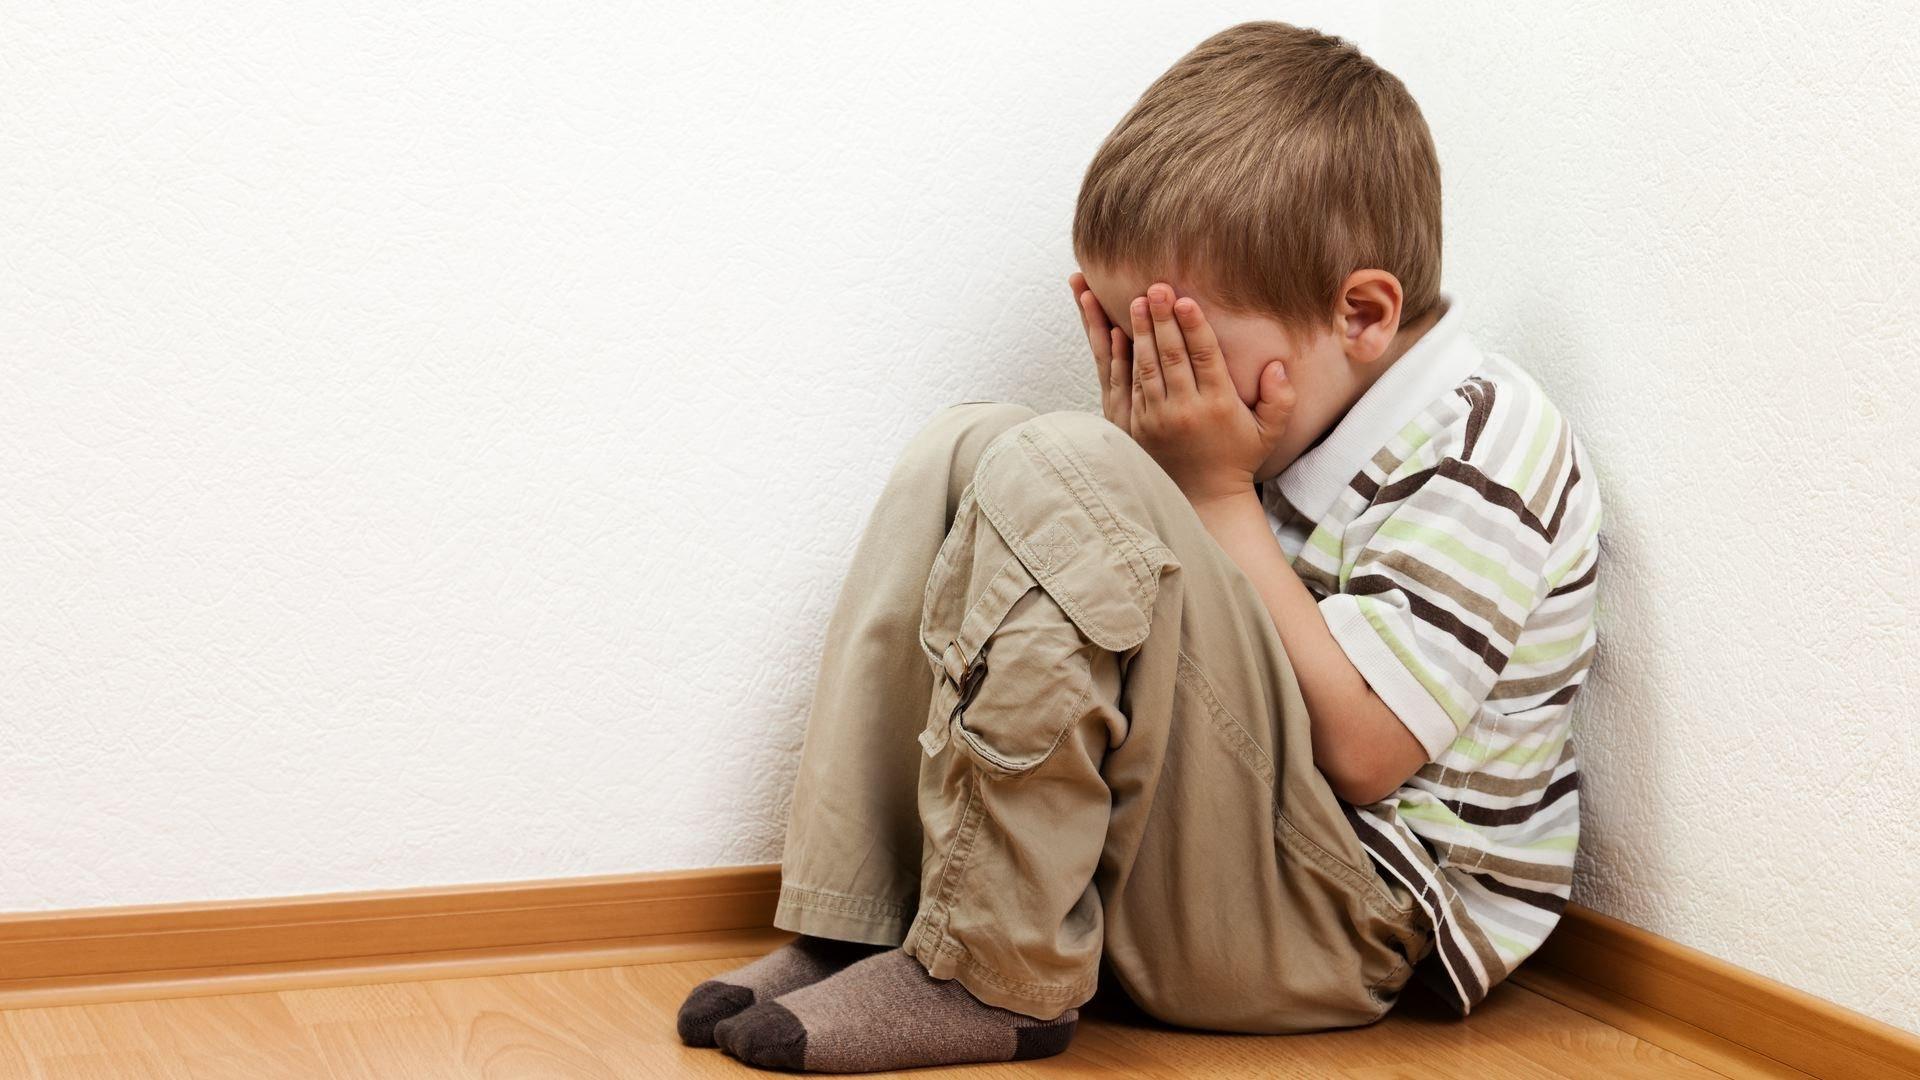 Кировская область обвинила мужчину, спаивавшего своего 6-летнего сына